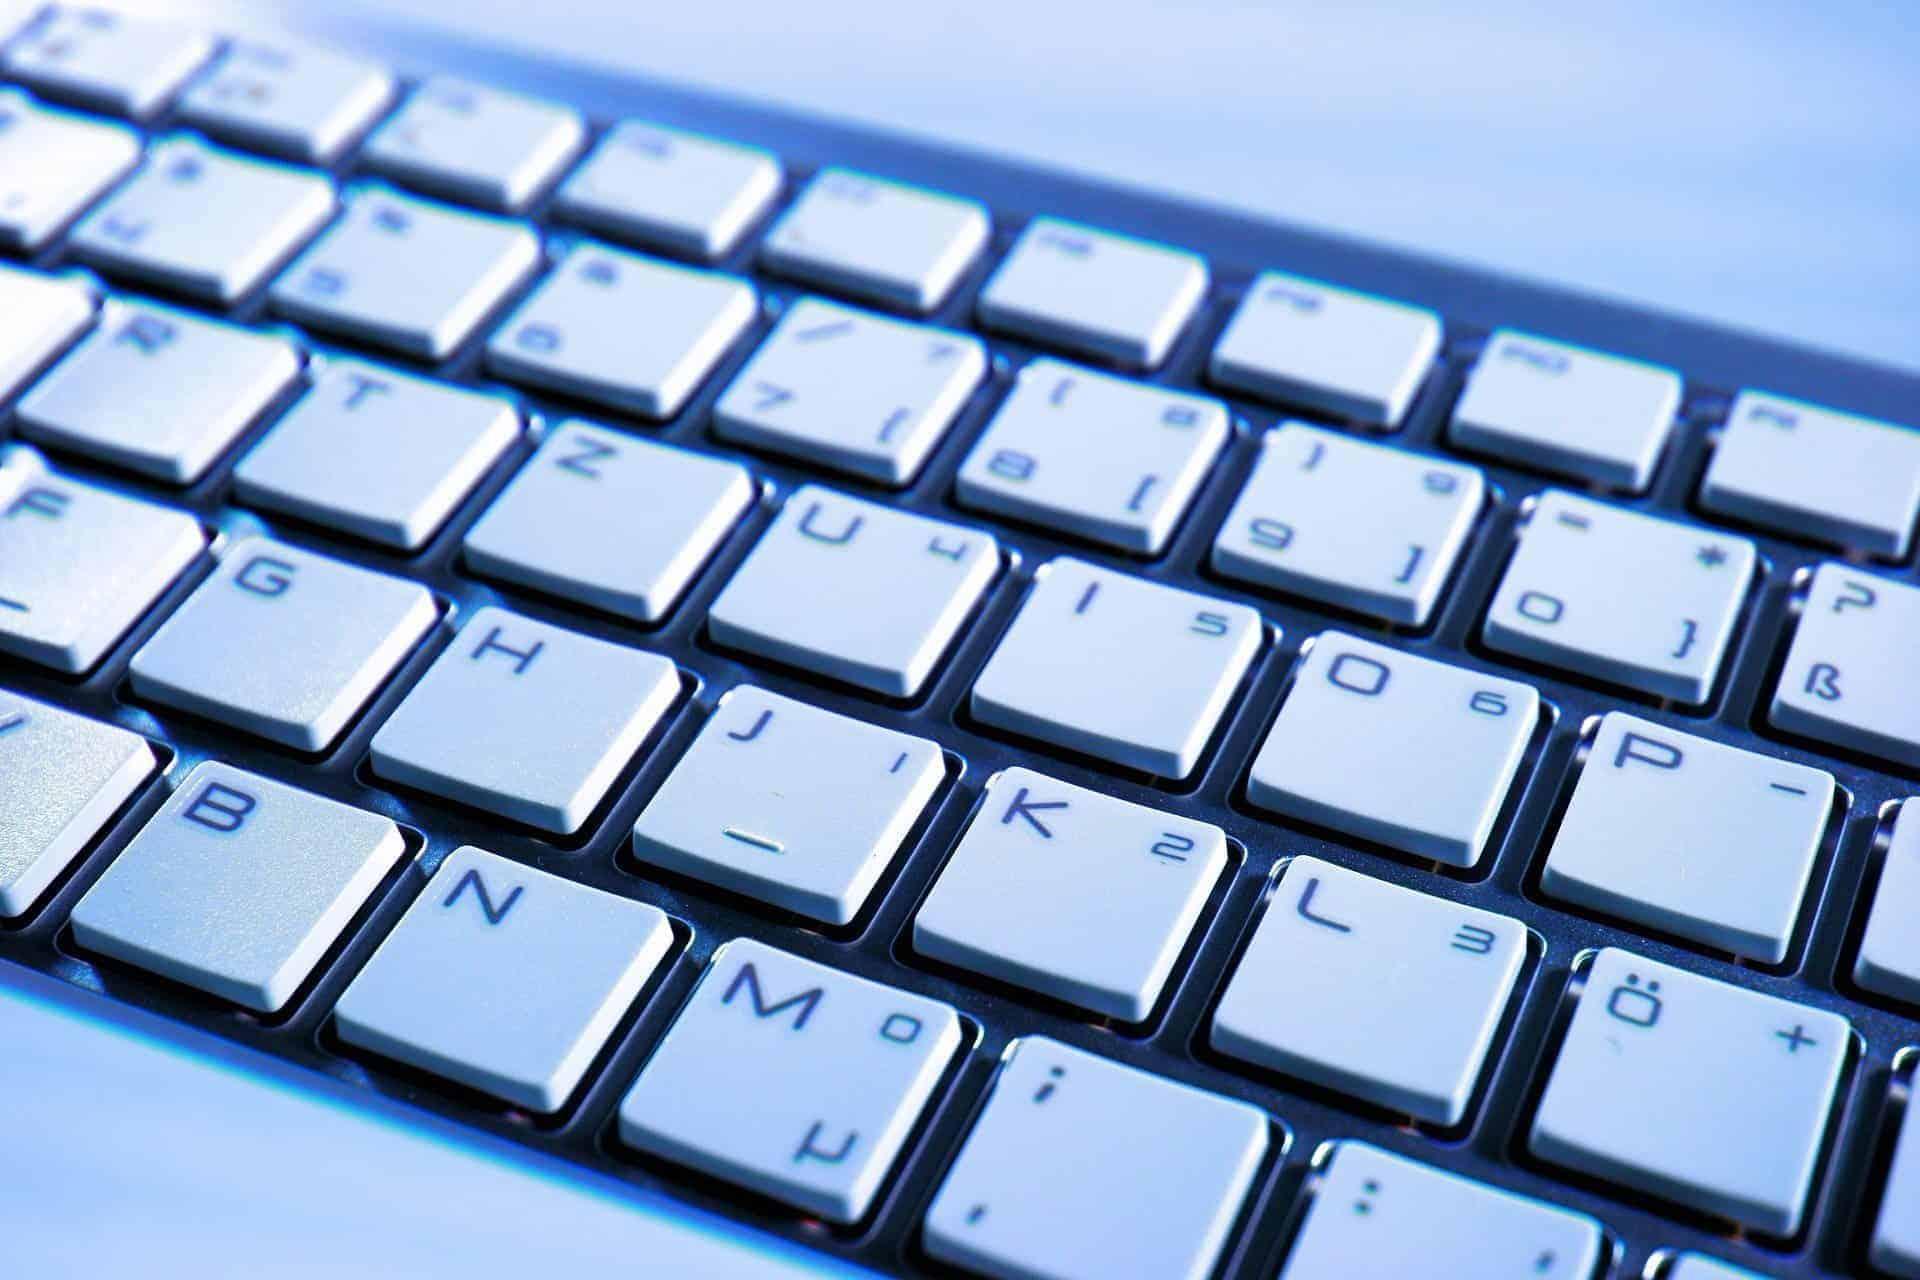 Soyez plus efficace avec WordPress : les raccourcis-claviers les plus utiles